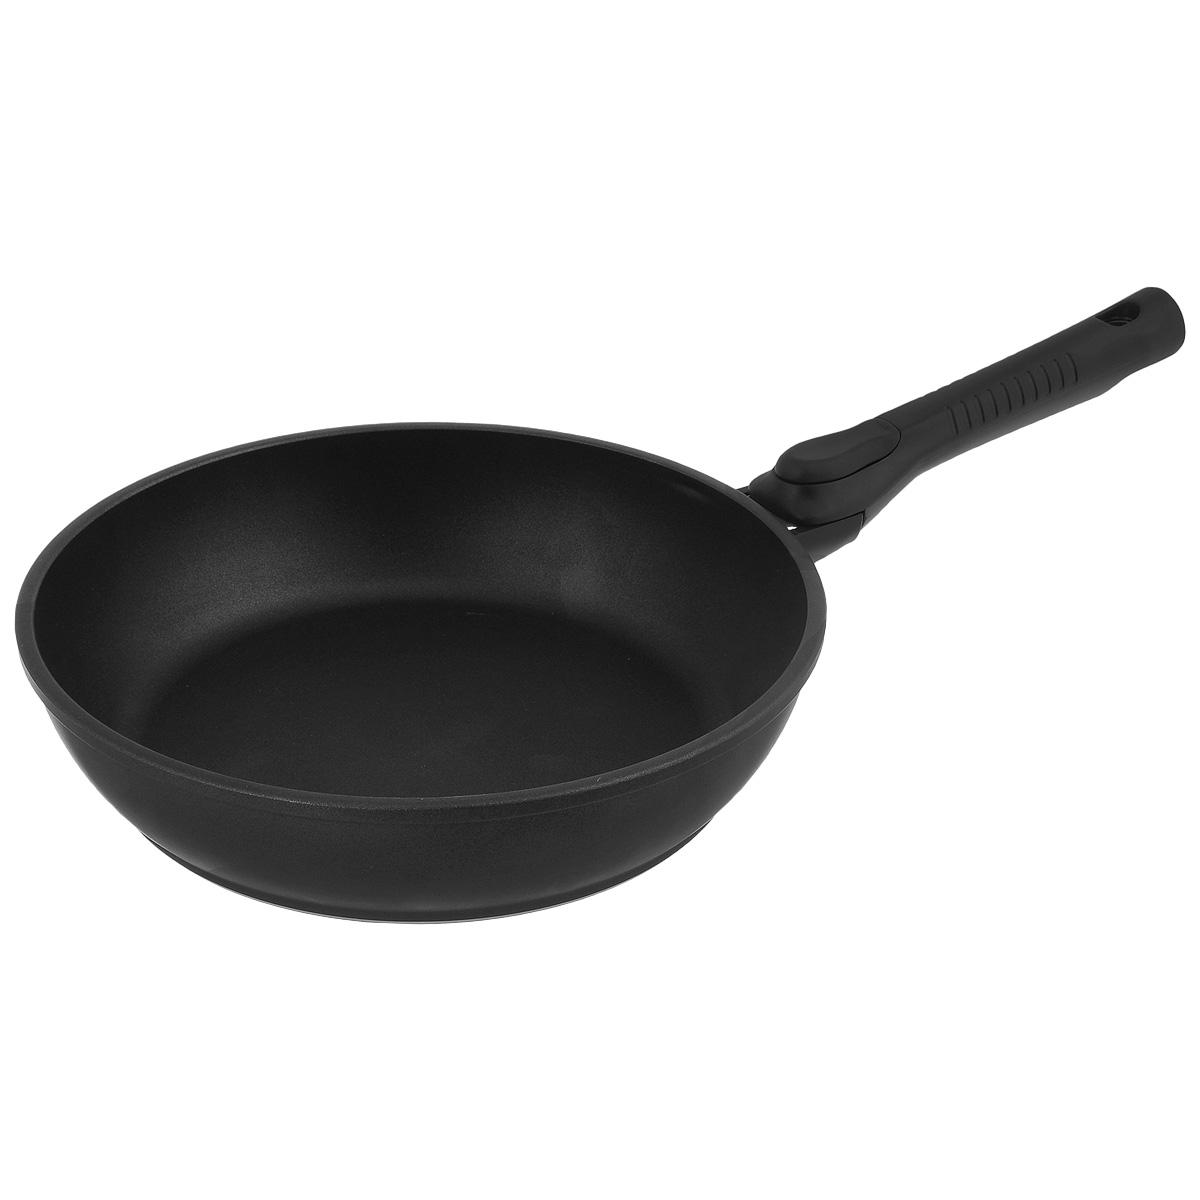 Сковорода литая Нева Металл Посуда Классическая, с антипригарным покрытием, со съемной ручкой, цвет: черный. Диаметр 24 см8024УСковорода НМП Классическая из литого алюминия, с 4-слойным полимер-керамическим антипригарным покрытием, многофункциональна и удобна в эксплуатации, в ней можно жарить, тушить и томить. Отлично подходит для приготовления гарниров и блюд с большим количеством ингредиентов. Эргономичная ручка - съемная, что позволяет использовать сковороду в духовом шкафу. Благодаря качественному антипригарному покрытию, вы можете готовить с минимальным количеством масла. Особенности посуды серии ТИТАН: - 4-слойная антипригарная полимер-керамическая система ТИТАН является эталоном износостойкости антипригарного покрытия, непревзойденного по сроку службы и длительности сохранения антипригарных свойств, благодаря особому составу, структуре и толщине - в состав системы ТИТАН входят антипригарные слои на водной основе - система ТИТАН традиционно производится без использования PFOA /перфтороктановой кислоты/ - равномерно нагревается за счет особой конструкции корпуса по...